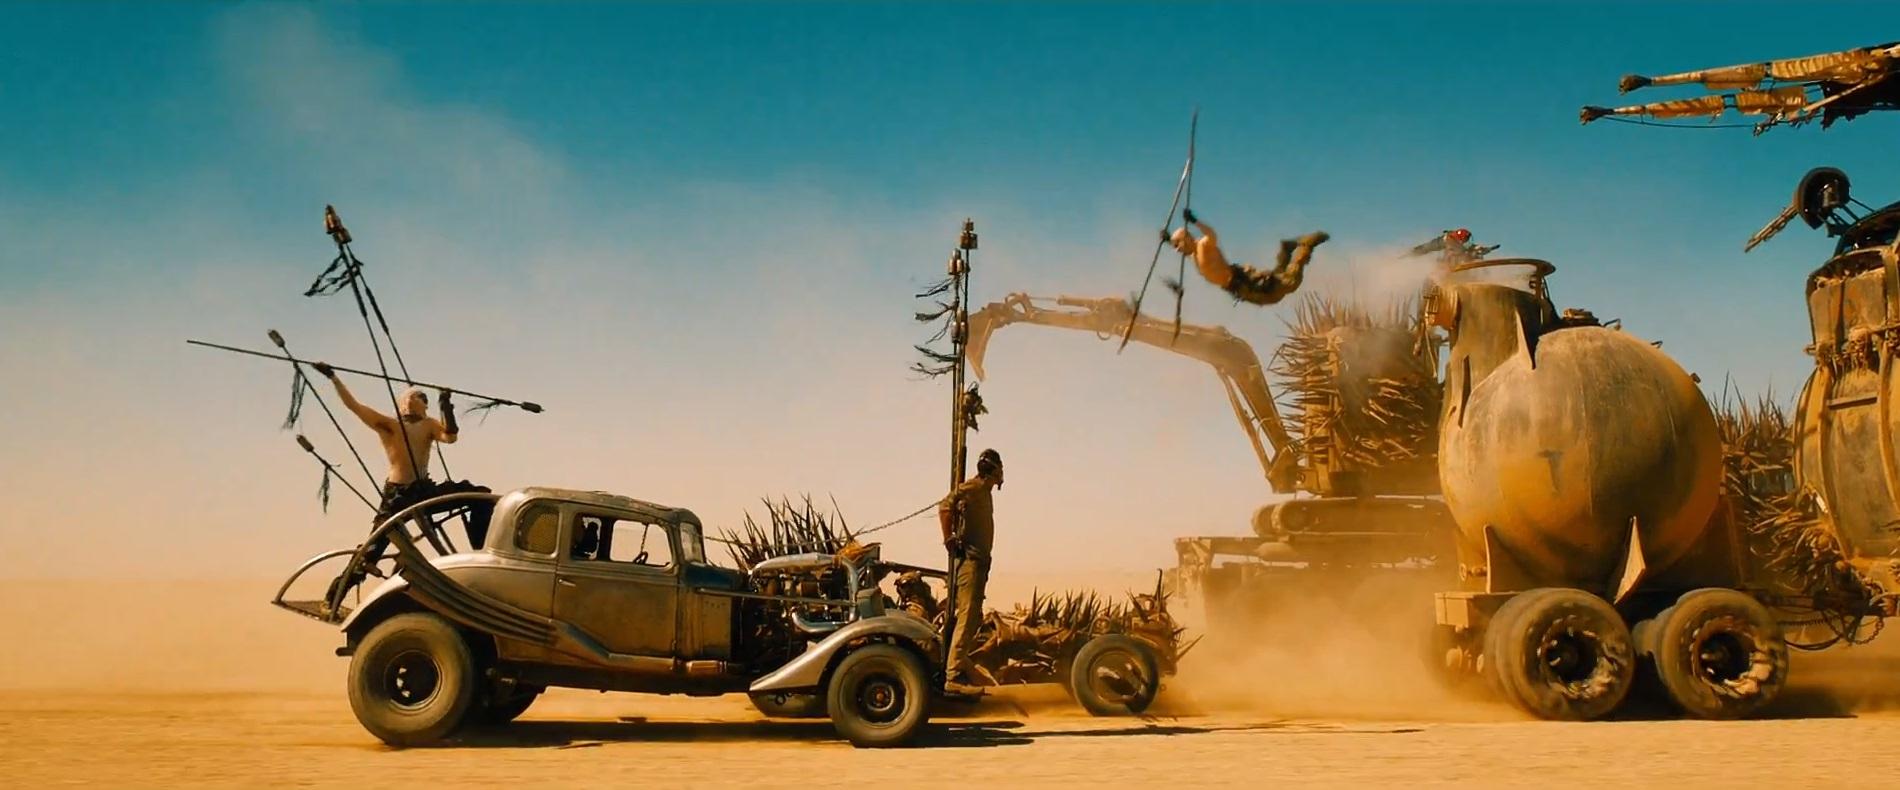 Безумный Макс Дорога ярости (Mad Max Fury Road) отзыв фильм